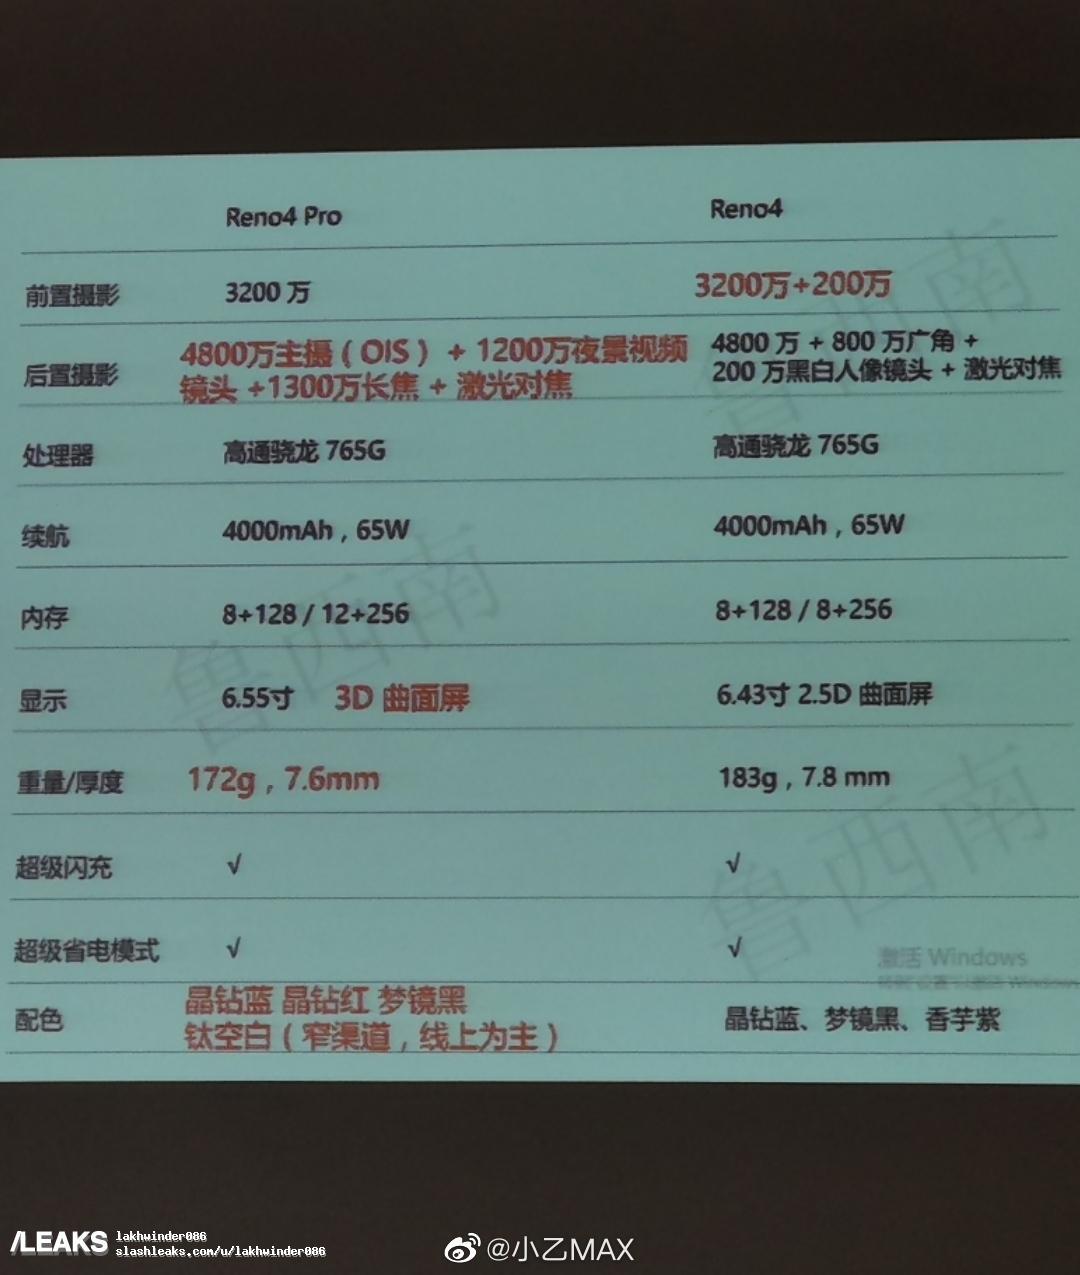 Reno4 e Reno4 Pro: prime immagini e dettagli tecnici dei prossimi smartphone di Oppo 2